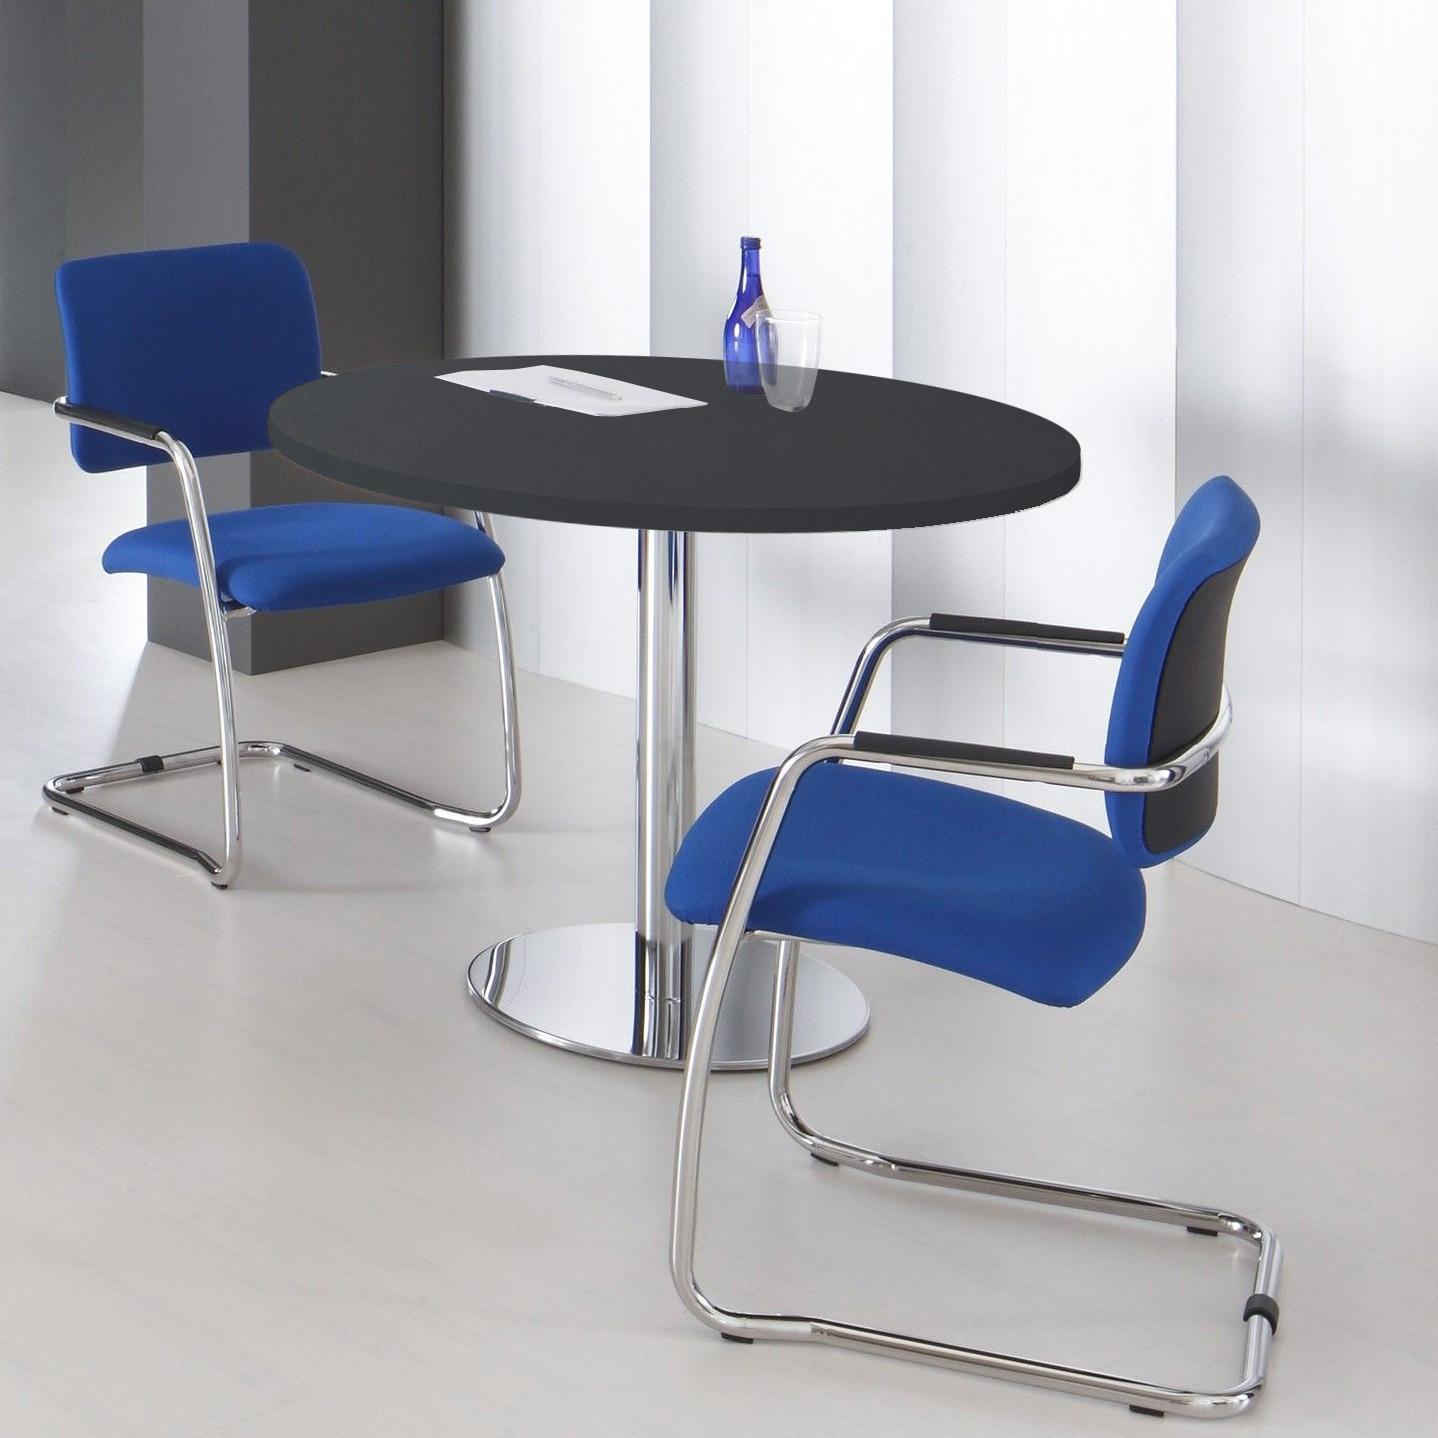 OPTIMA runder Besprechungstisch Ø 100 cm Anthrazit Verchromtes Gestell Tisch Esstisch